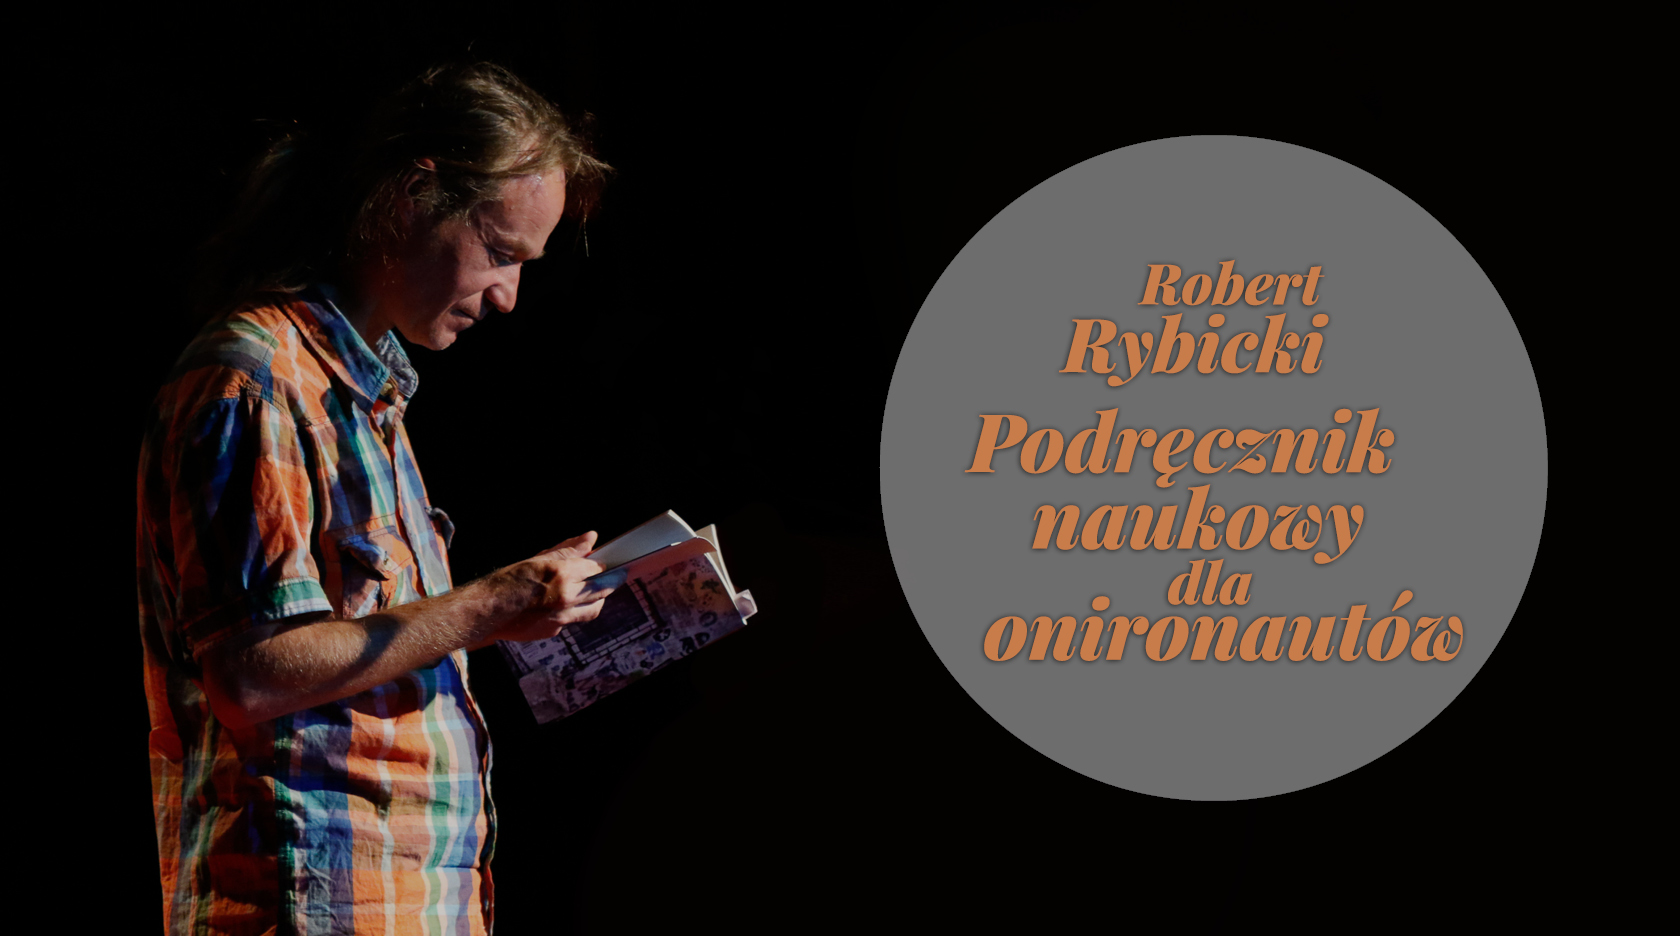 BL Img 2017.11.30 Robert Rybicki szykuje Podręcznik naukowy dla onironaut